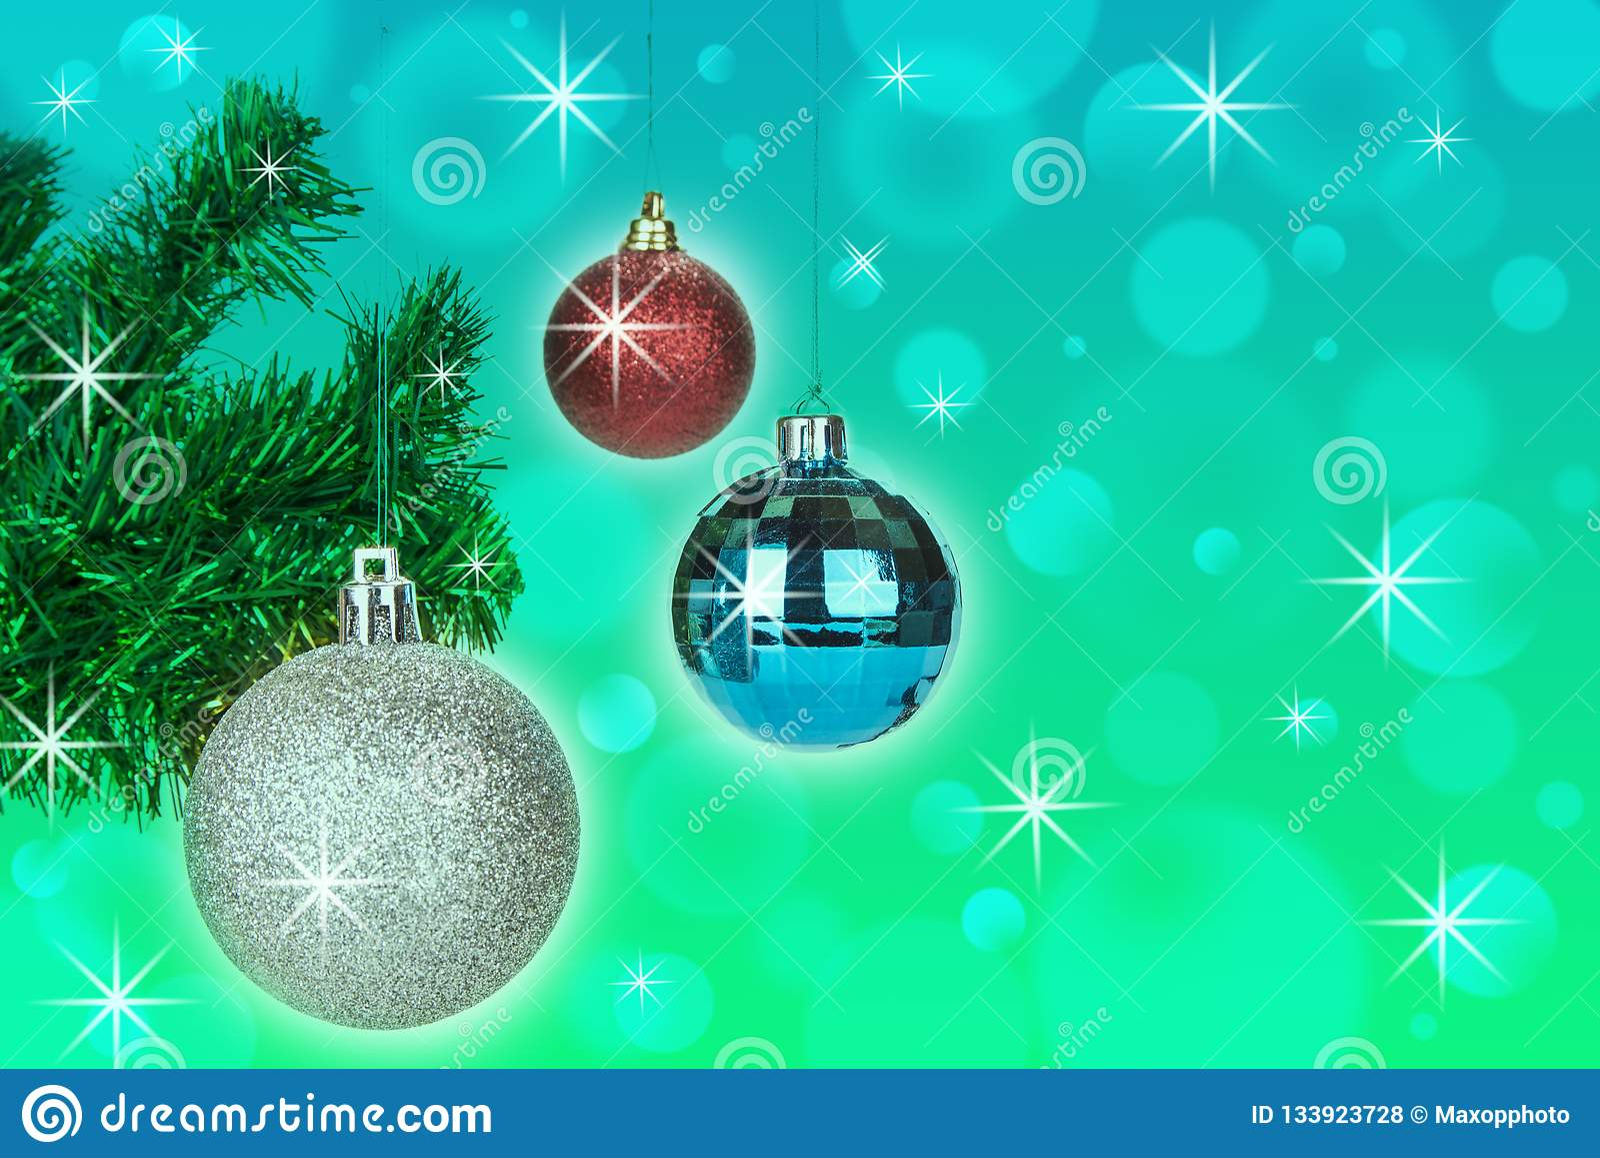 圣诞节在抽象bokeh背景的球装饰